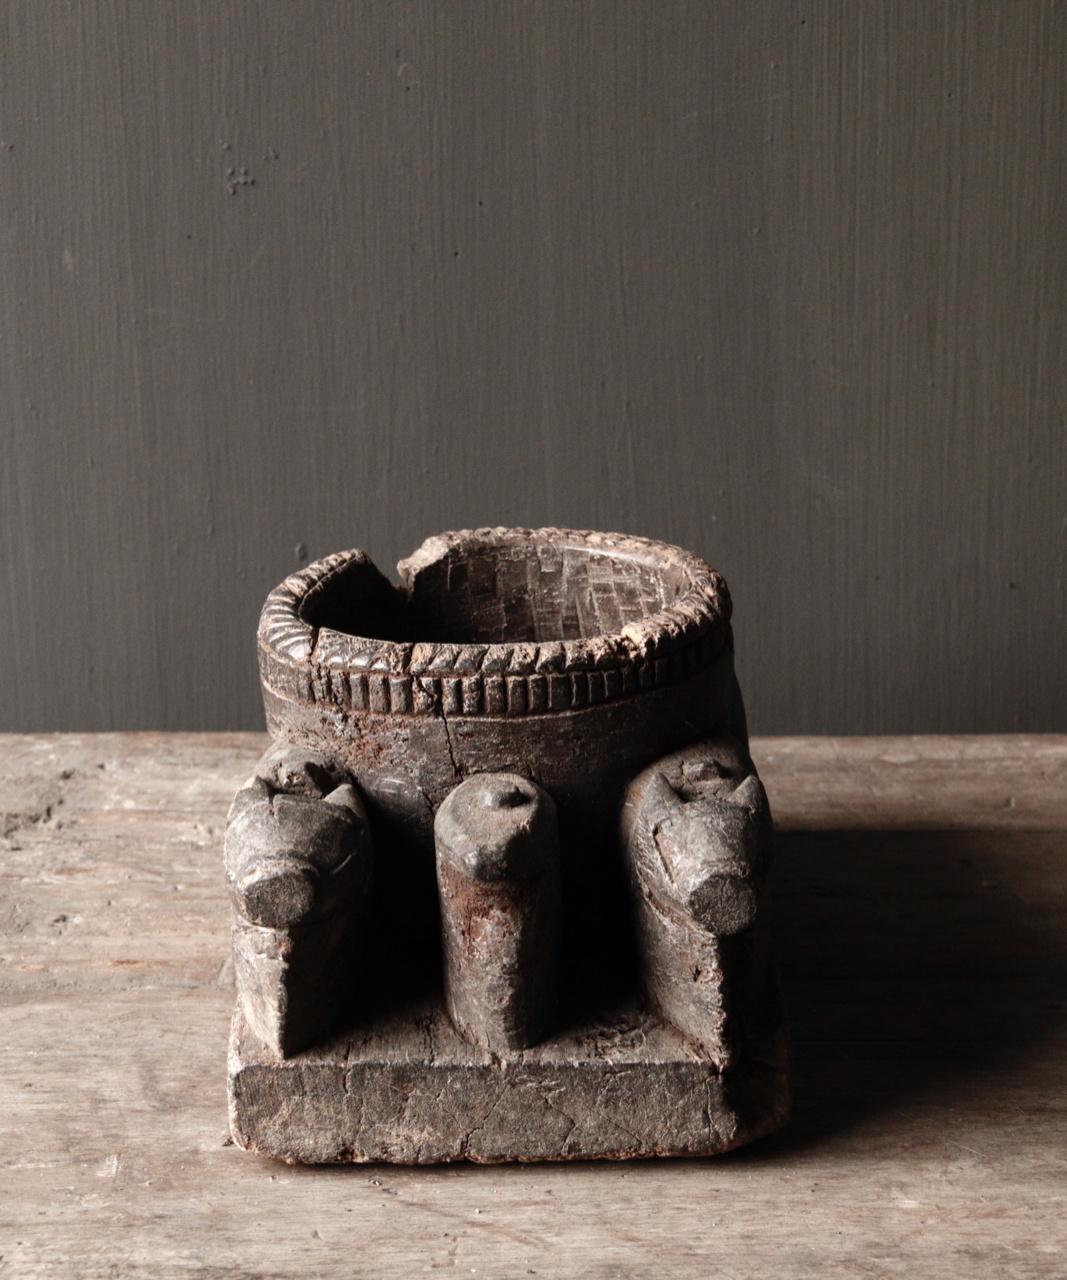 Alter hölzerner Kerzenhalter von der alten Verzierung mit geschnitzten heiligen Kühen-6